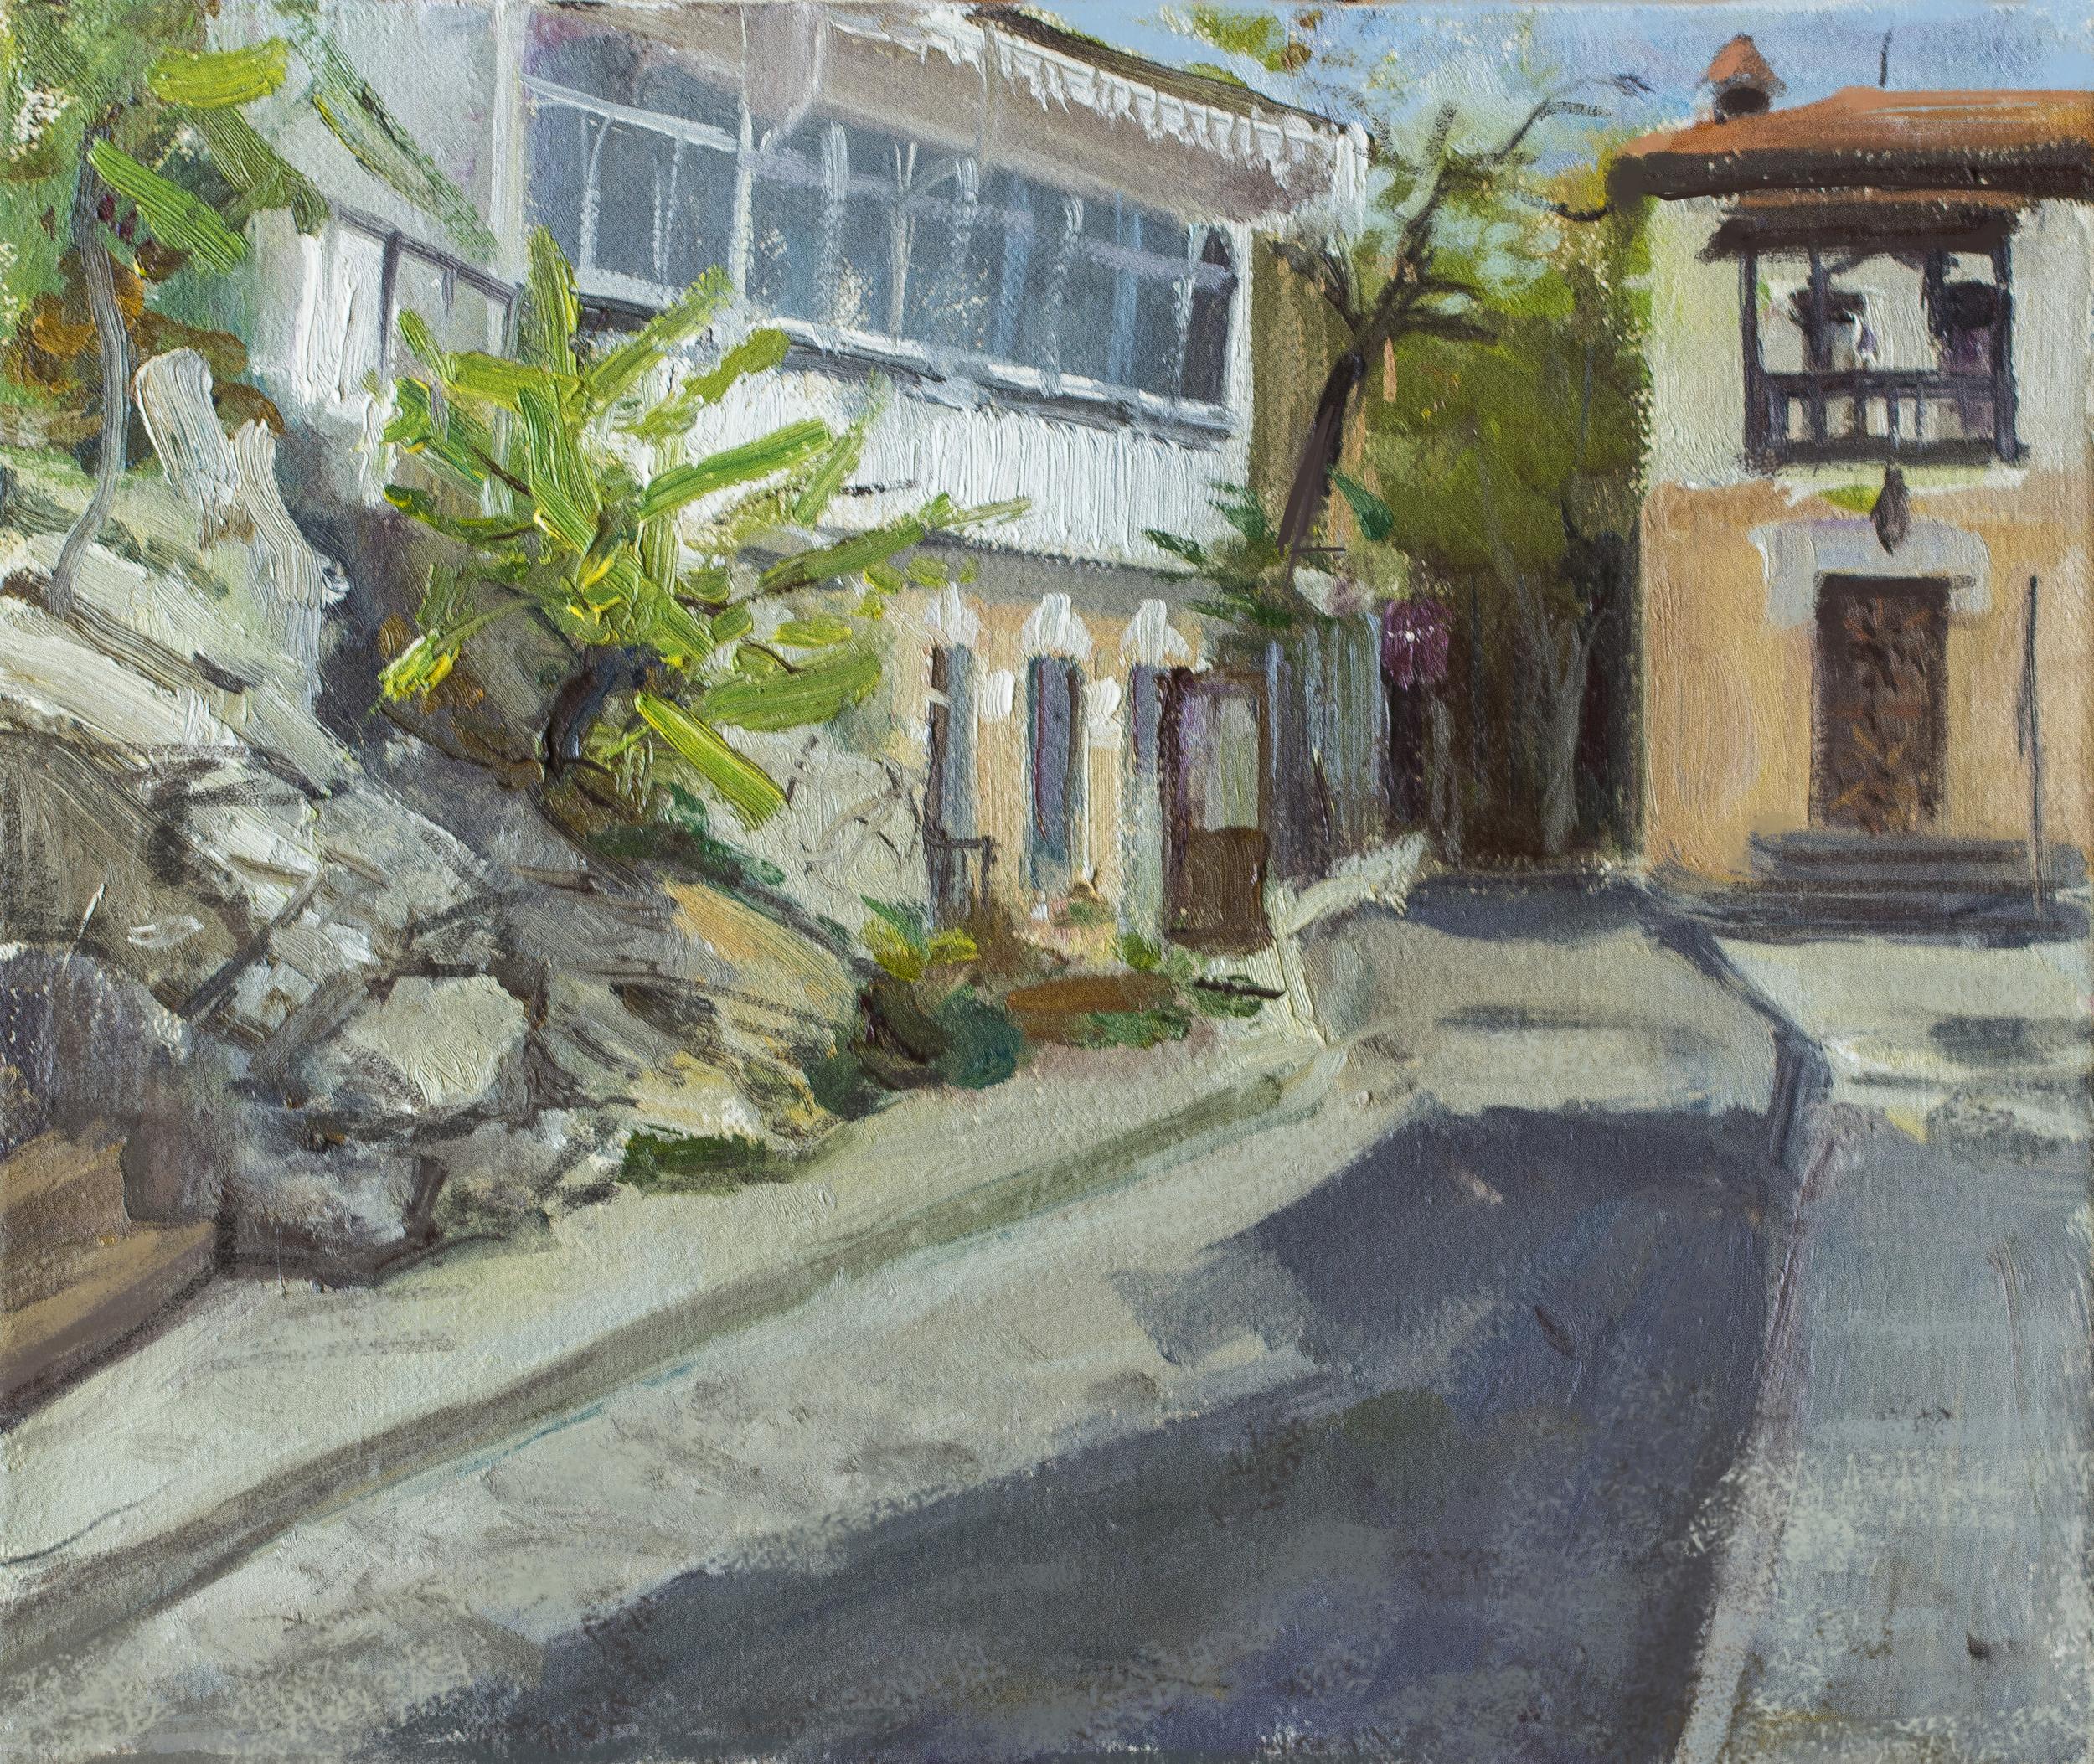 Old street in Gurzuf